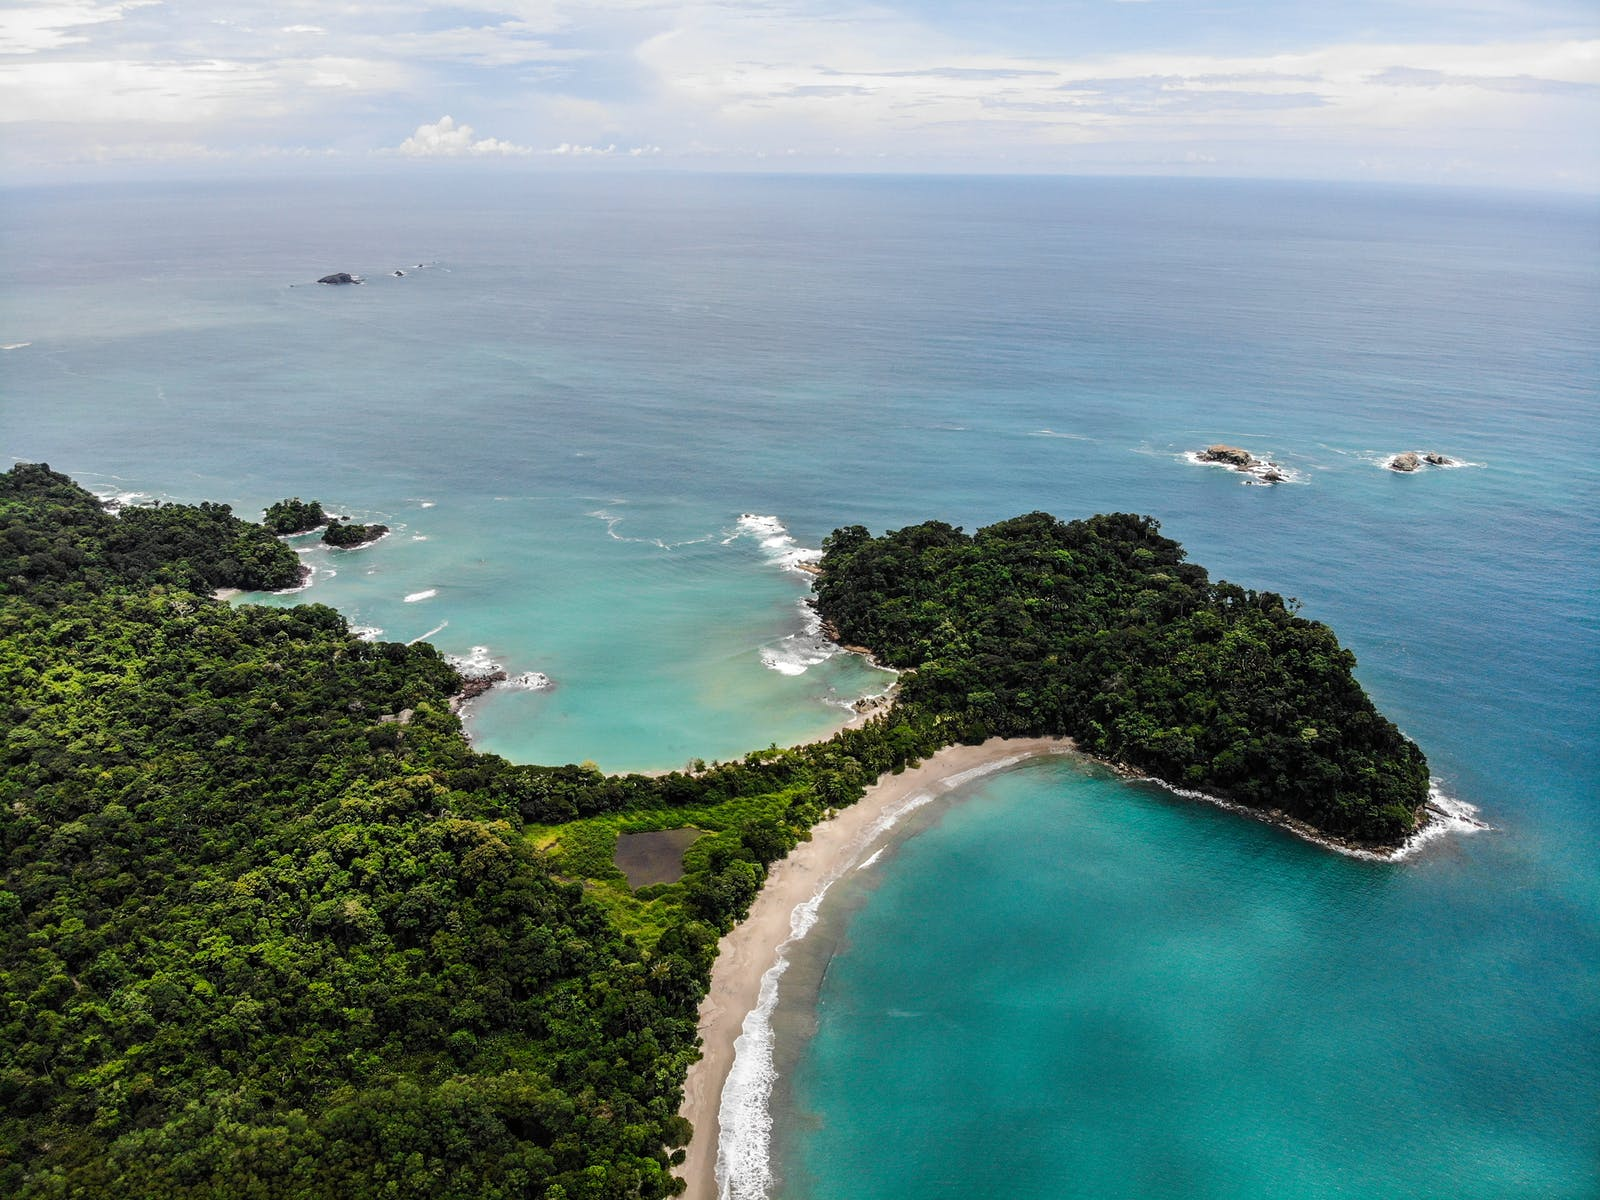 Playa Escondilla and Playa Manuel Antonio Costa Rica